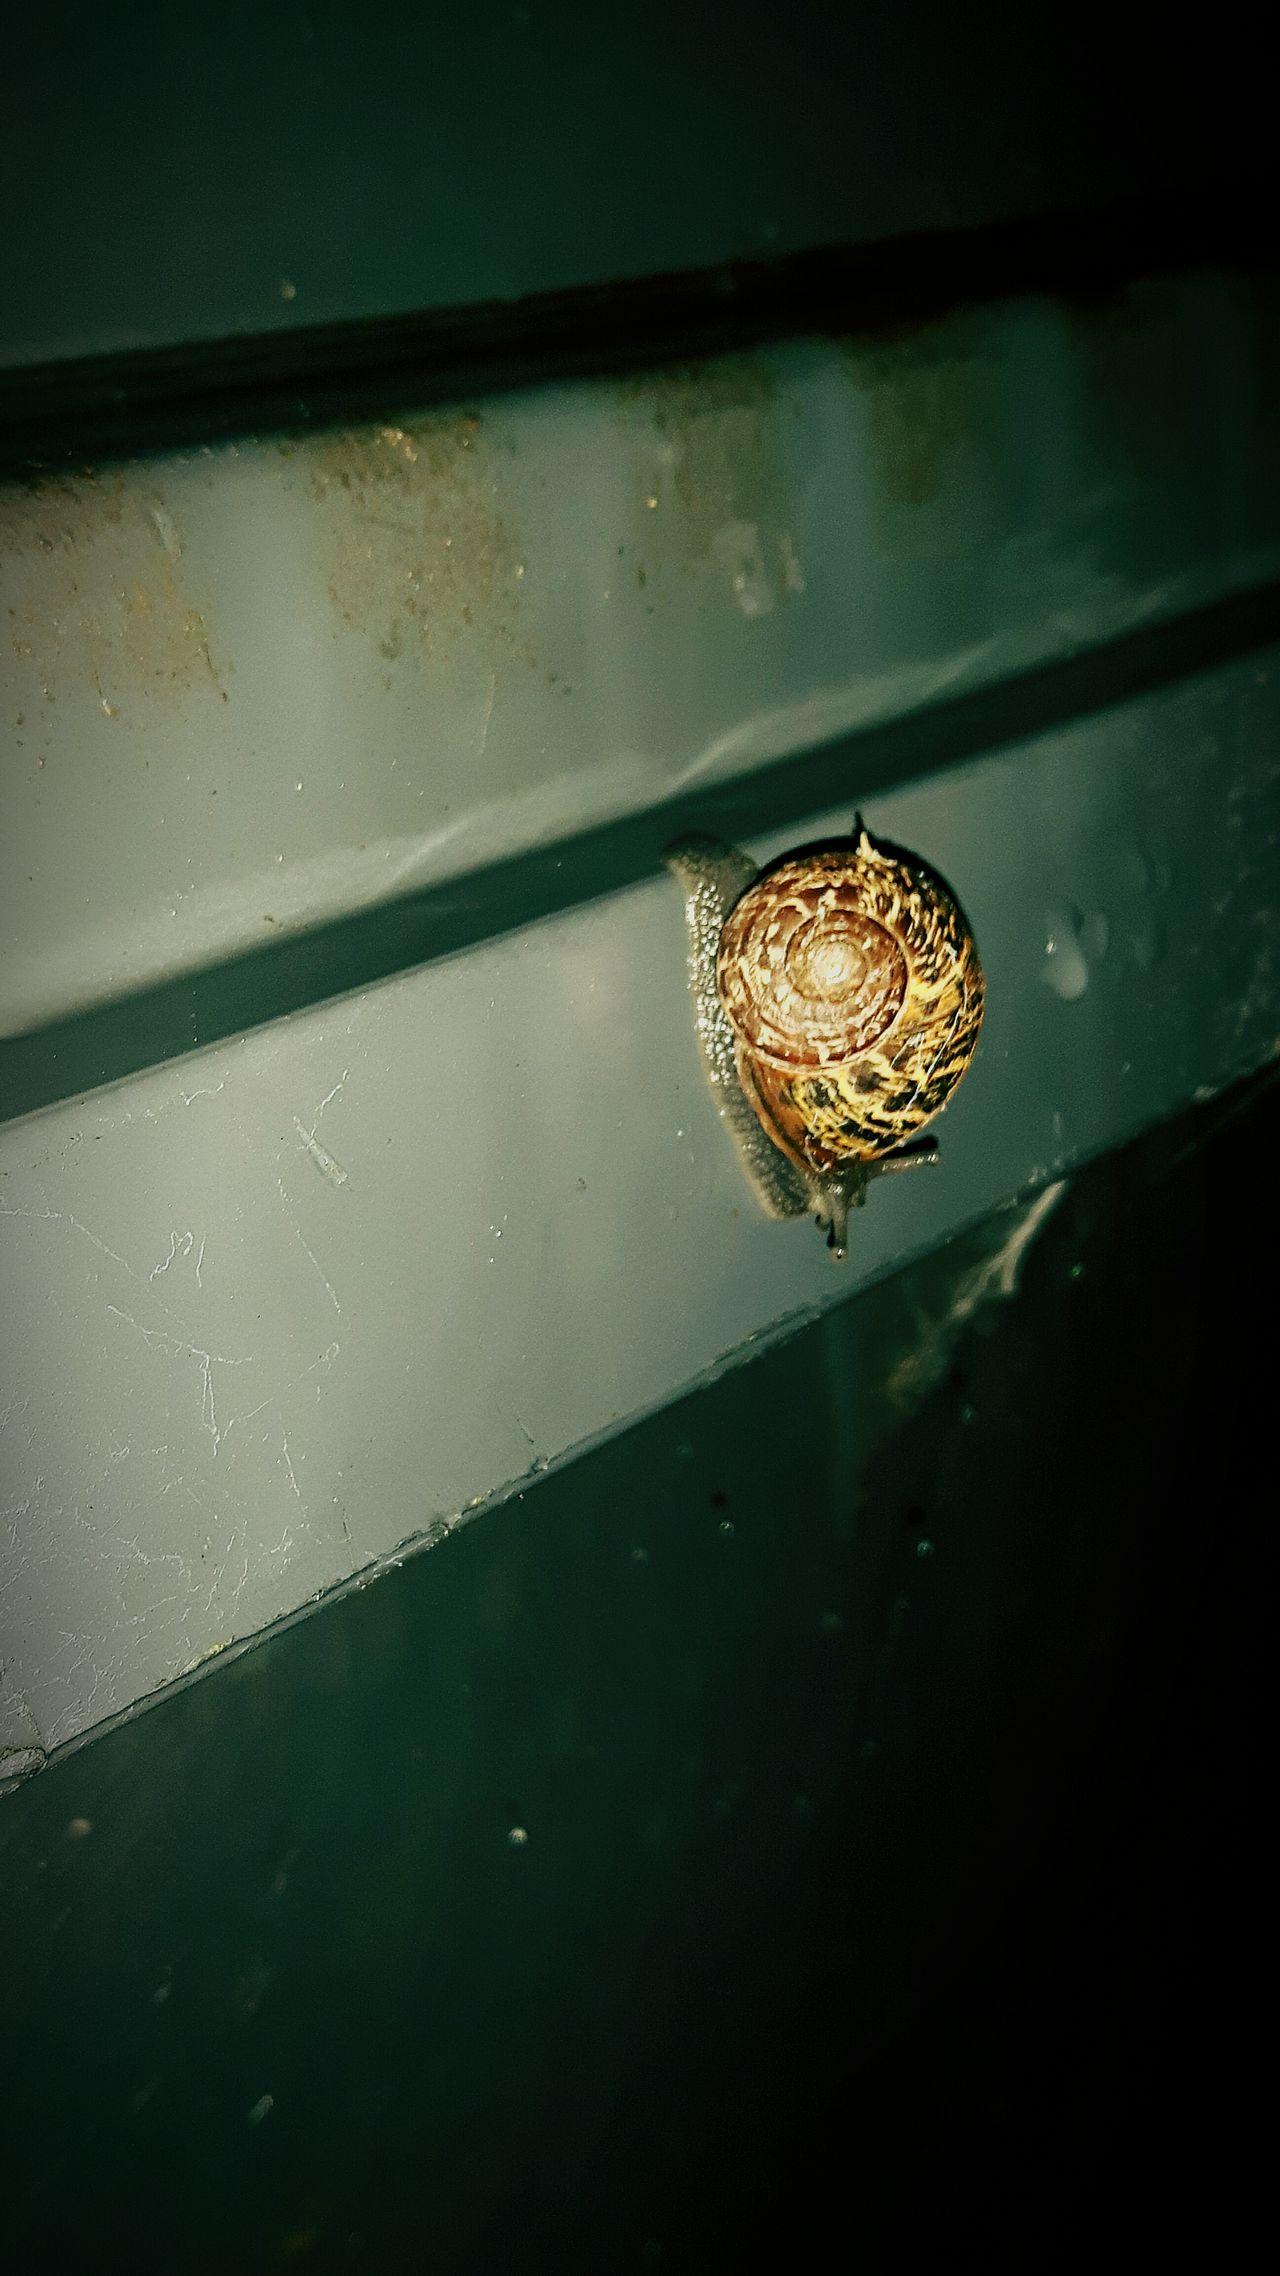 Bin Snail. Where's He Bin. Where's He Wheelie Bin. Bin Snail's Are Fun. Bin Snails Laugh A Lot. Snails🐌 Snail Photography Snails In Action. Speeding Snail's Get Snail Speeding Tickets. . 😍😙😙😙😍😍😙😻😻😻